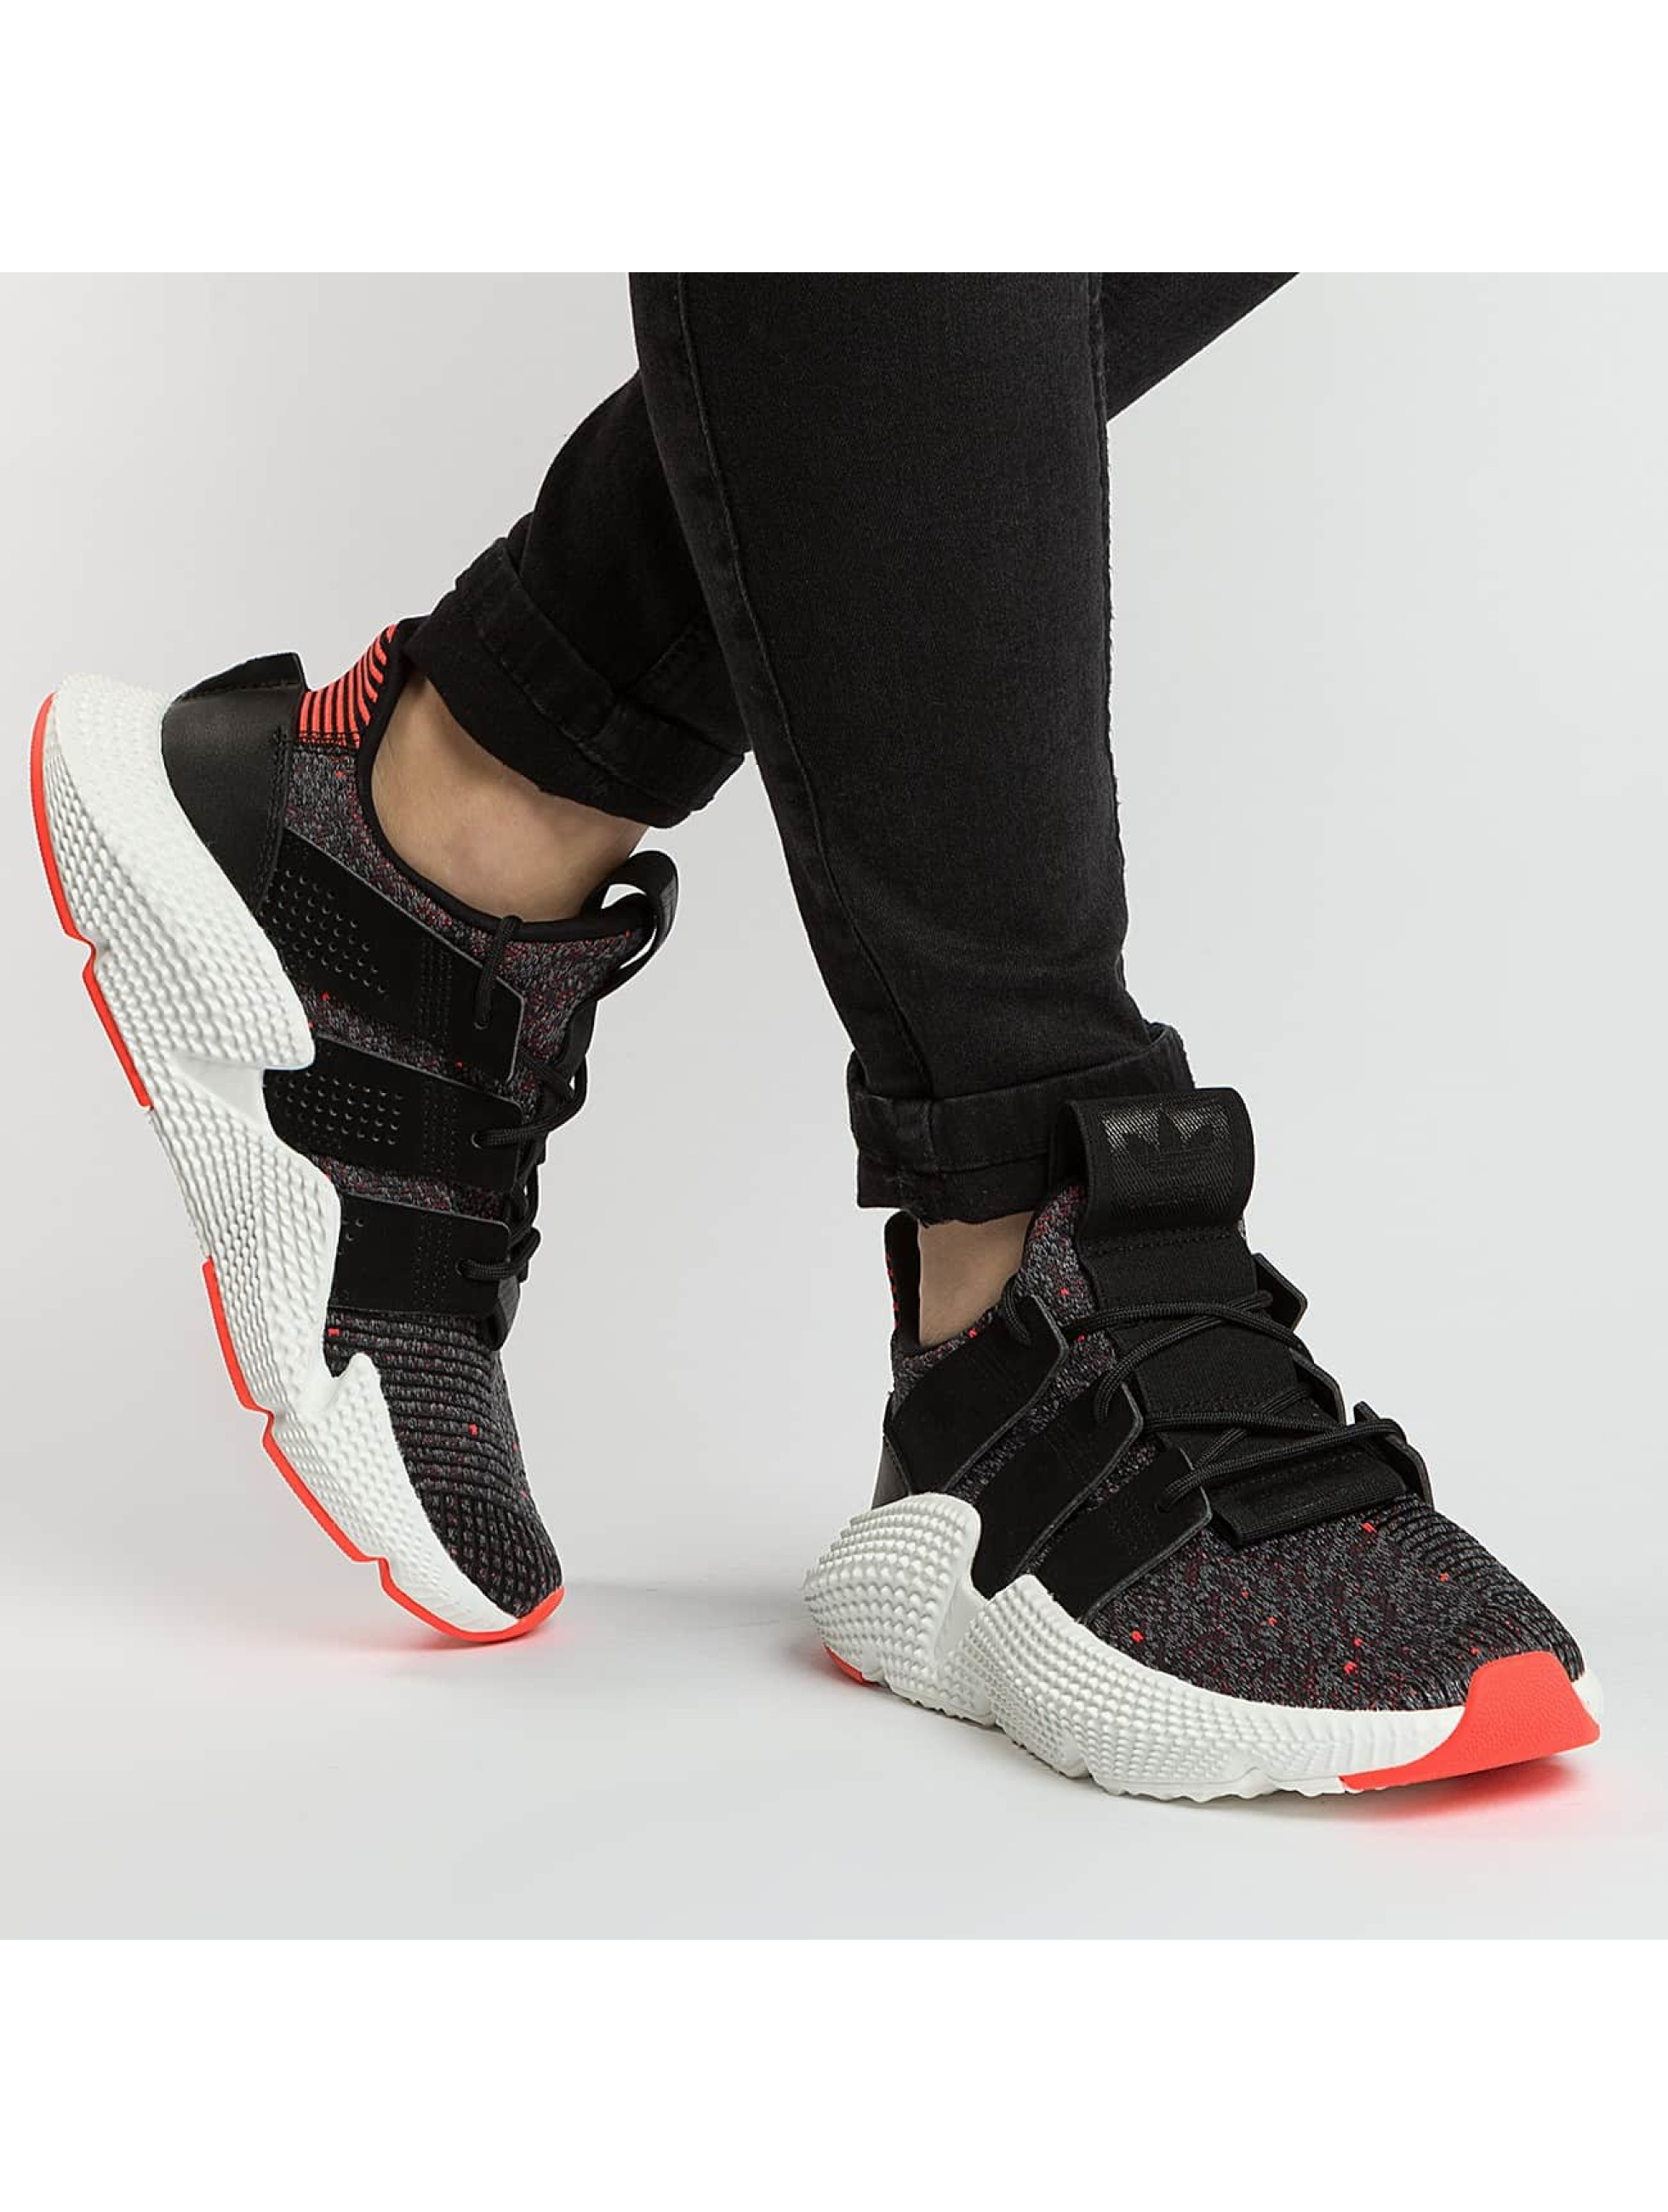 adidas originals Sneaker Prophere schwarz